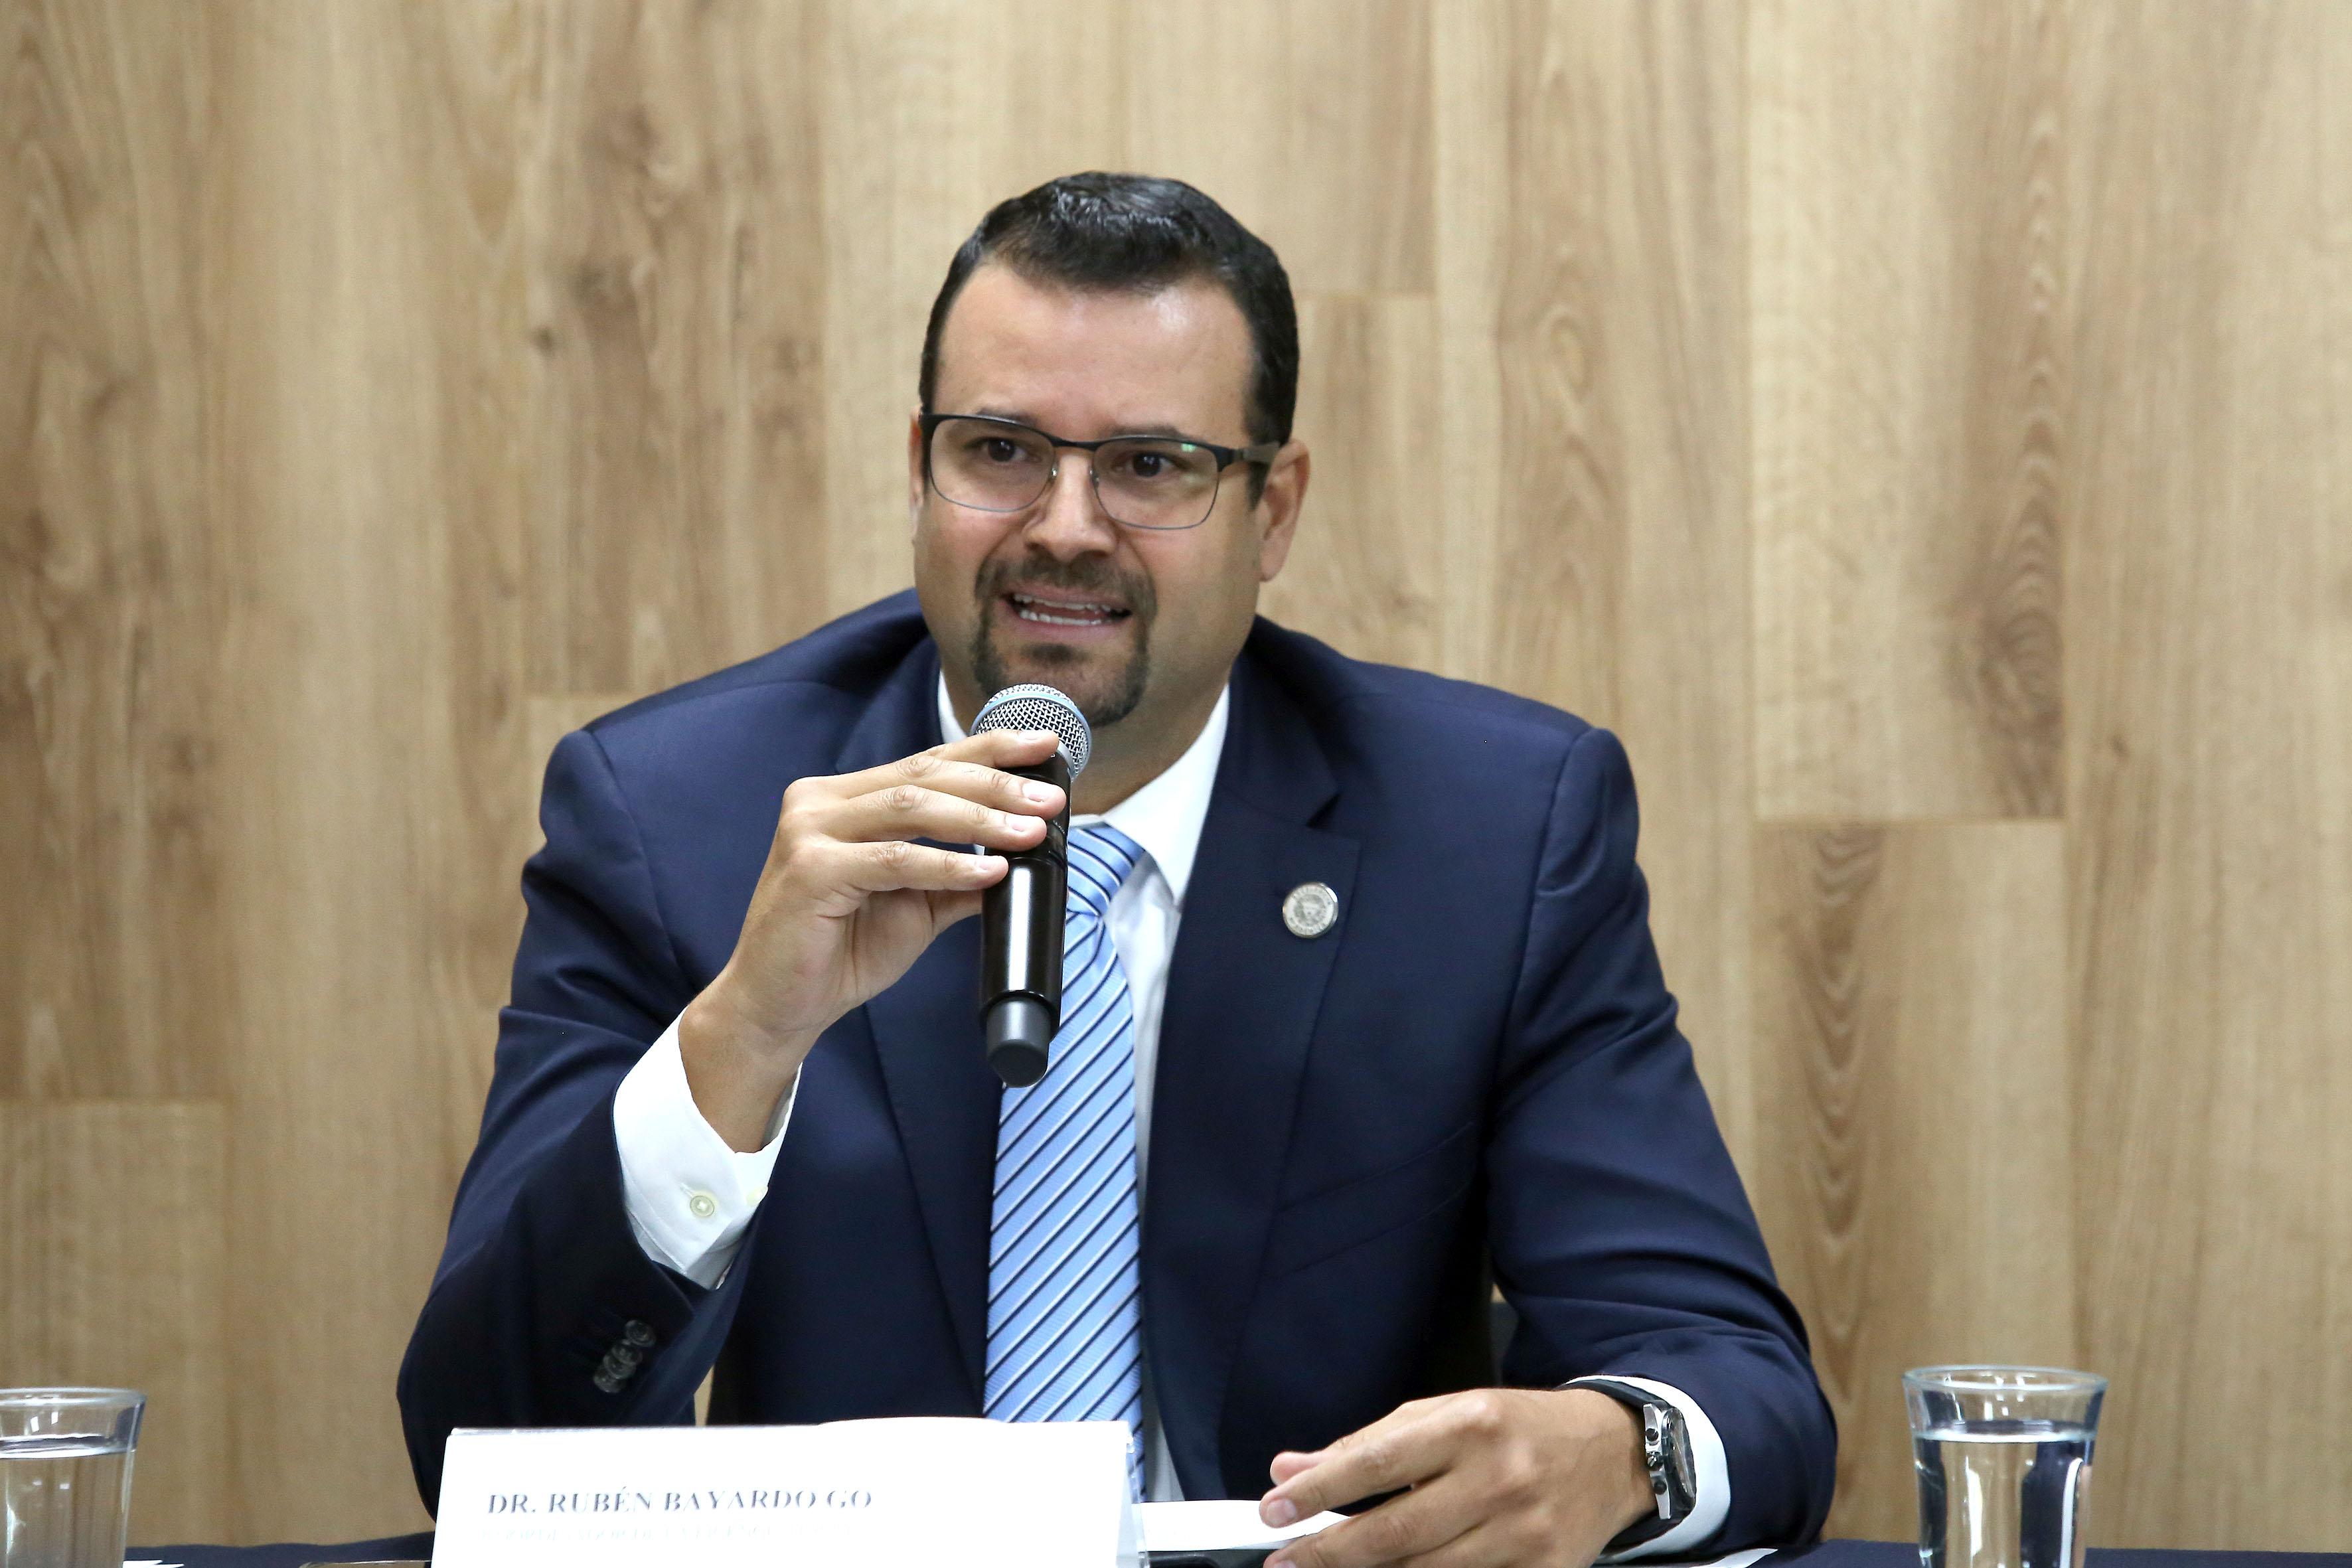 Dr. Rubén Bayardo, foto individual haciendo uso del micrófono